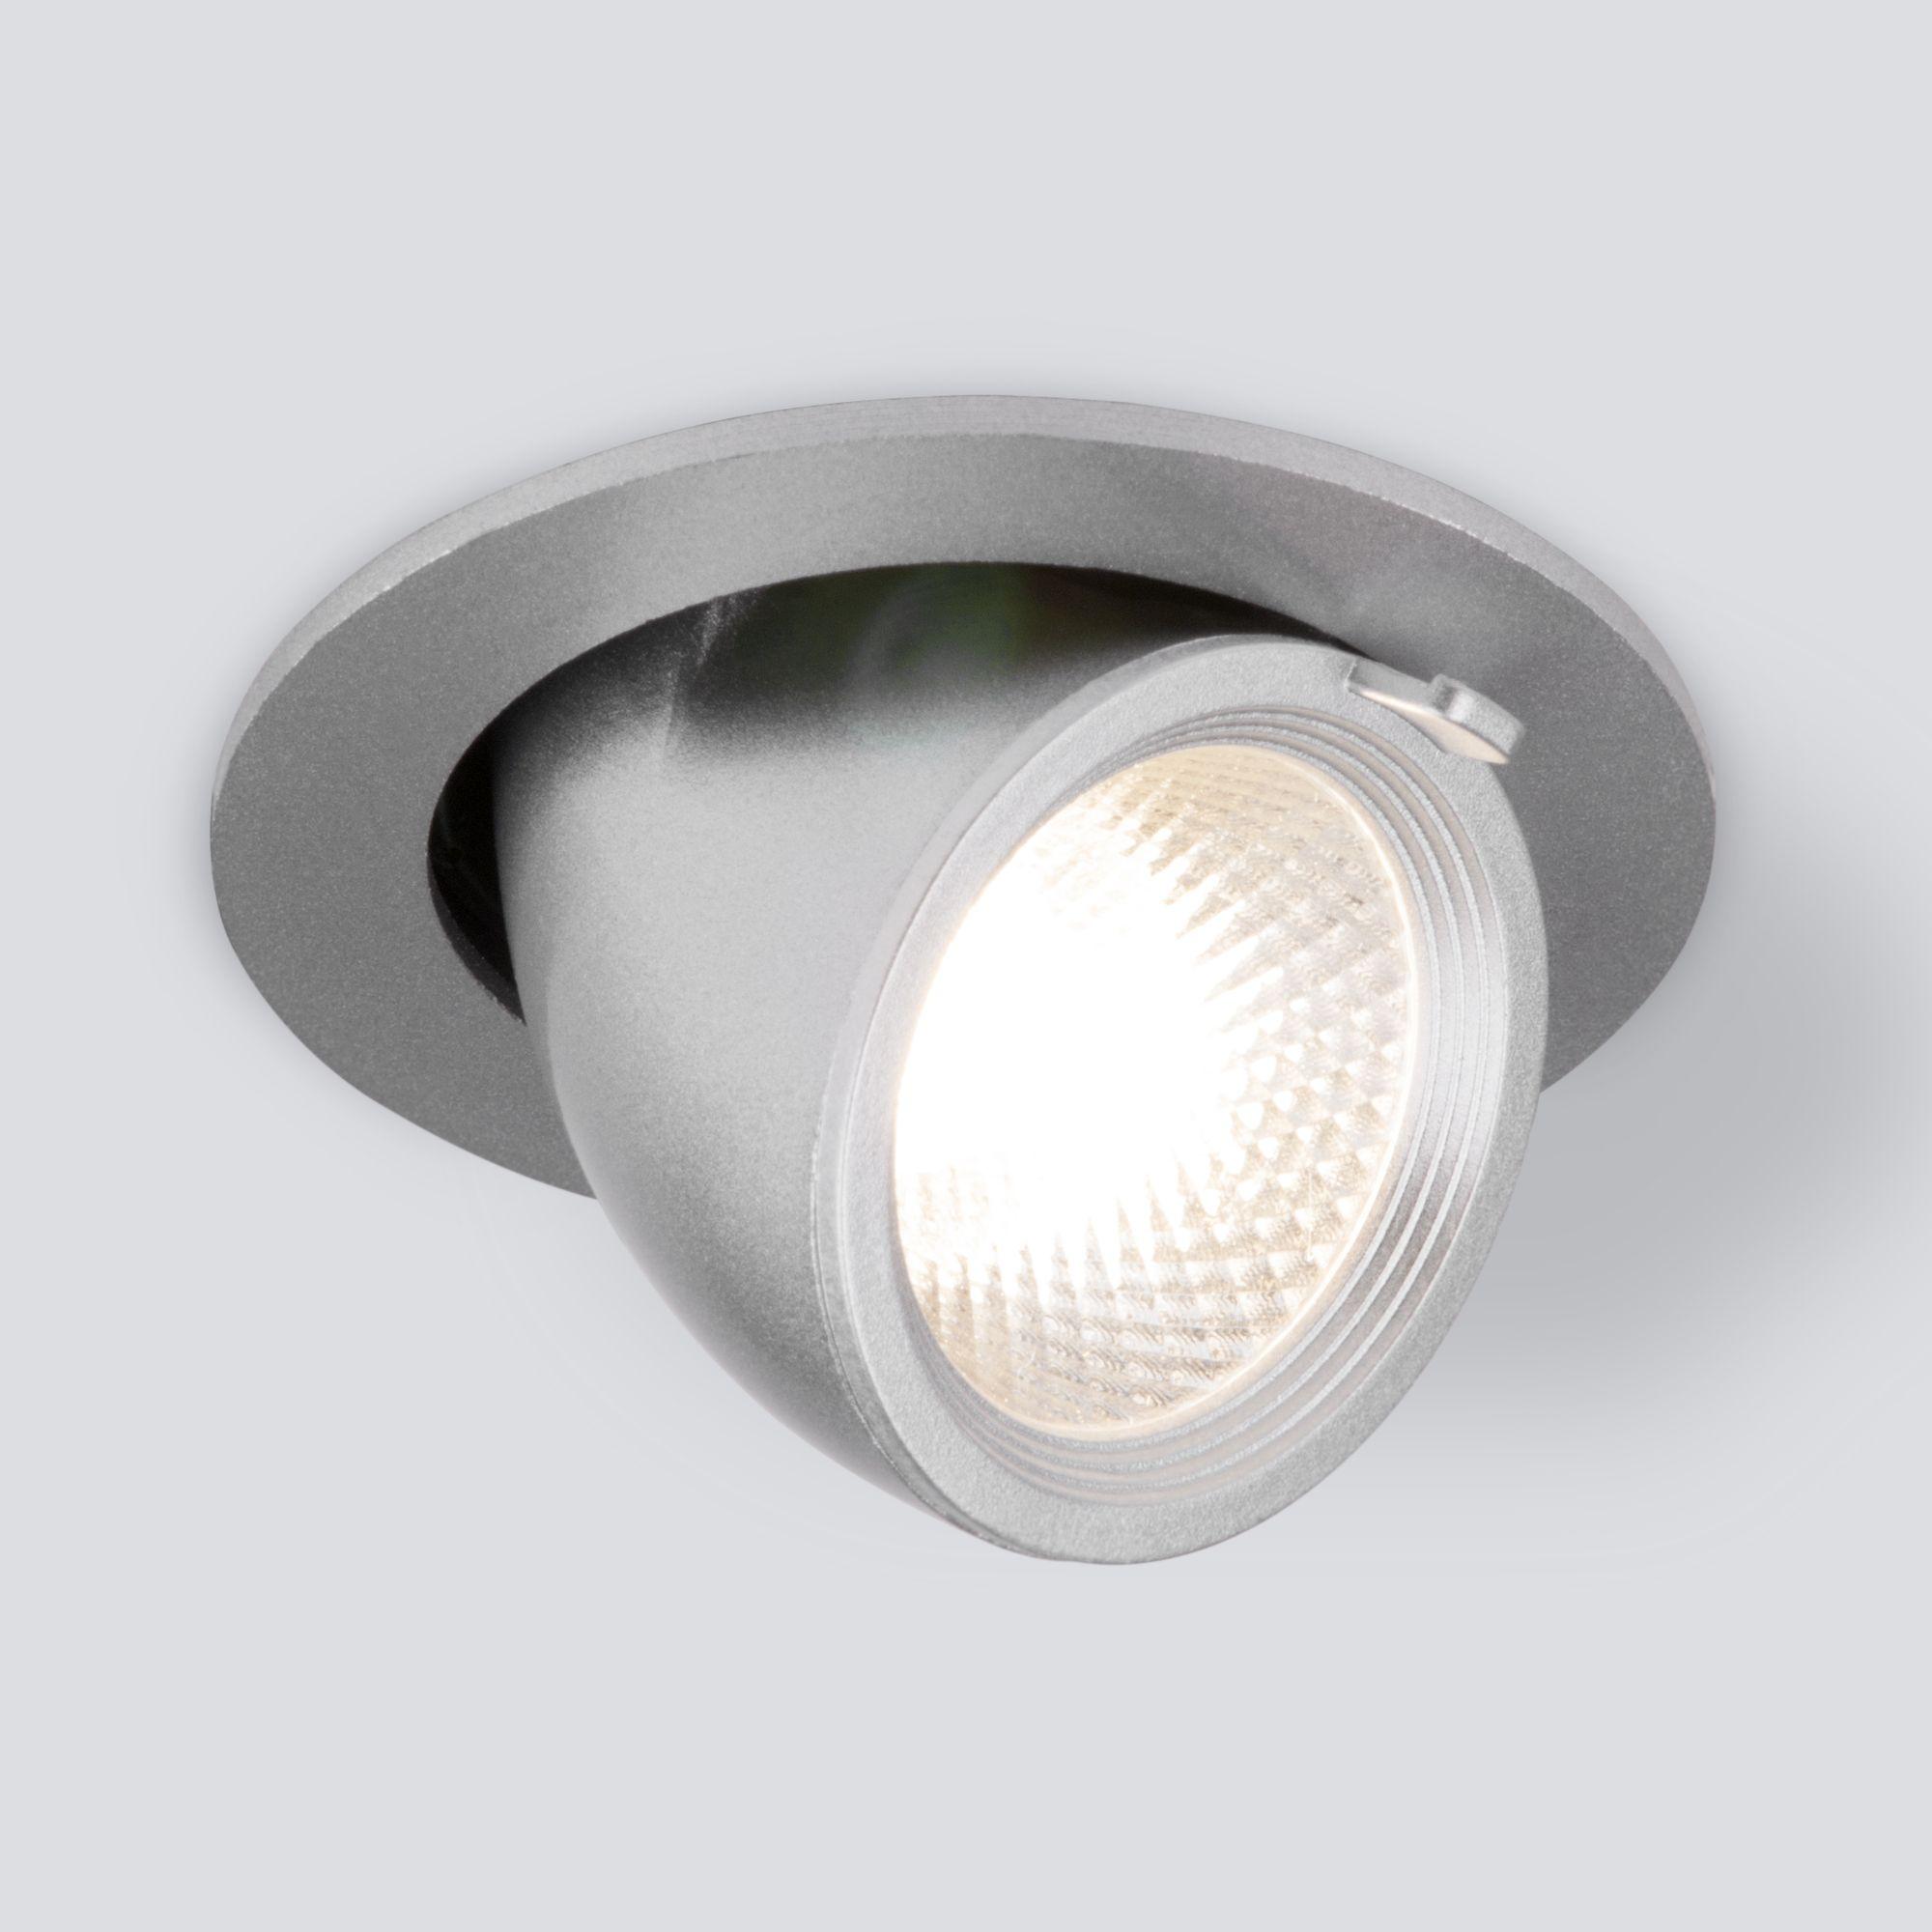 Встраиваемый точечный светодиодный светильник 9918 LED 9W 4200K серебро